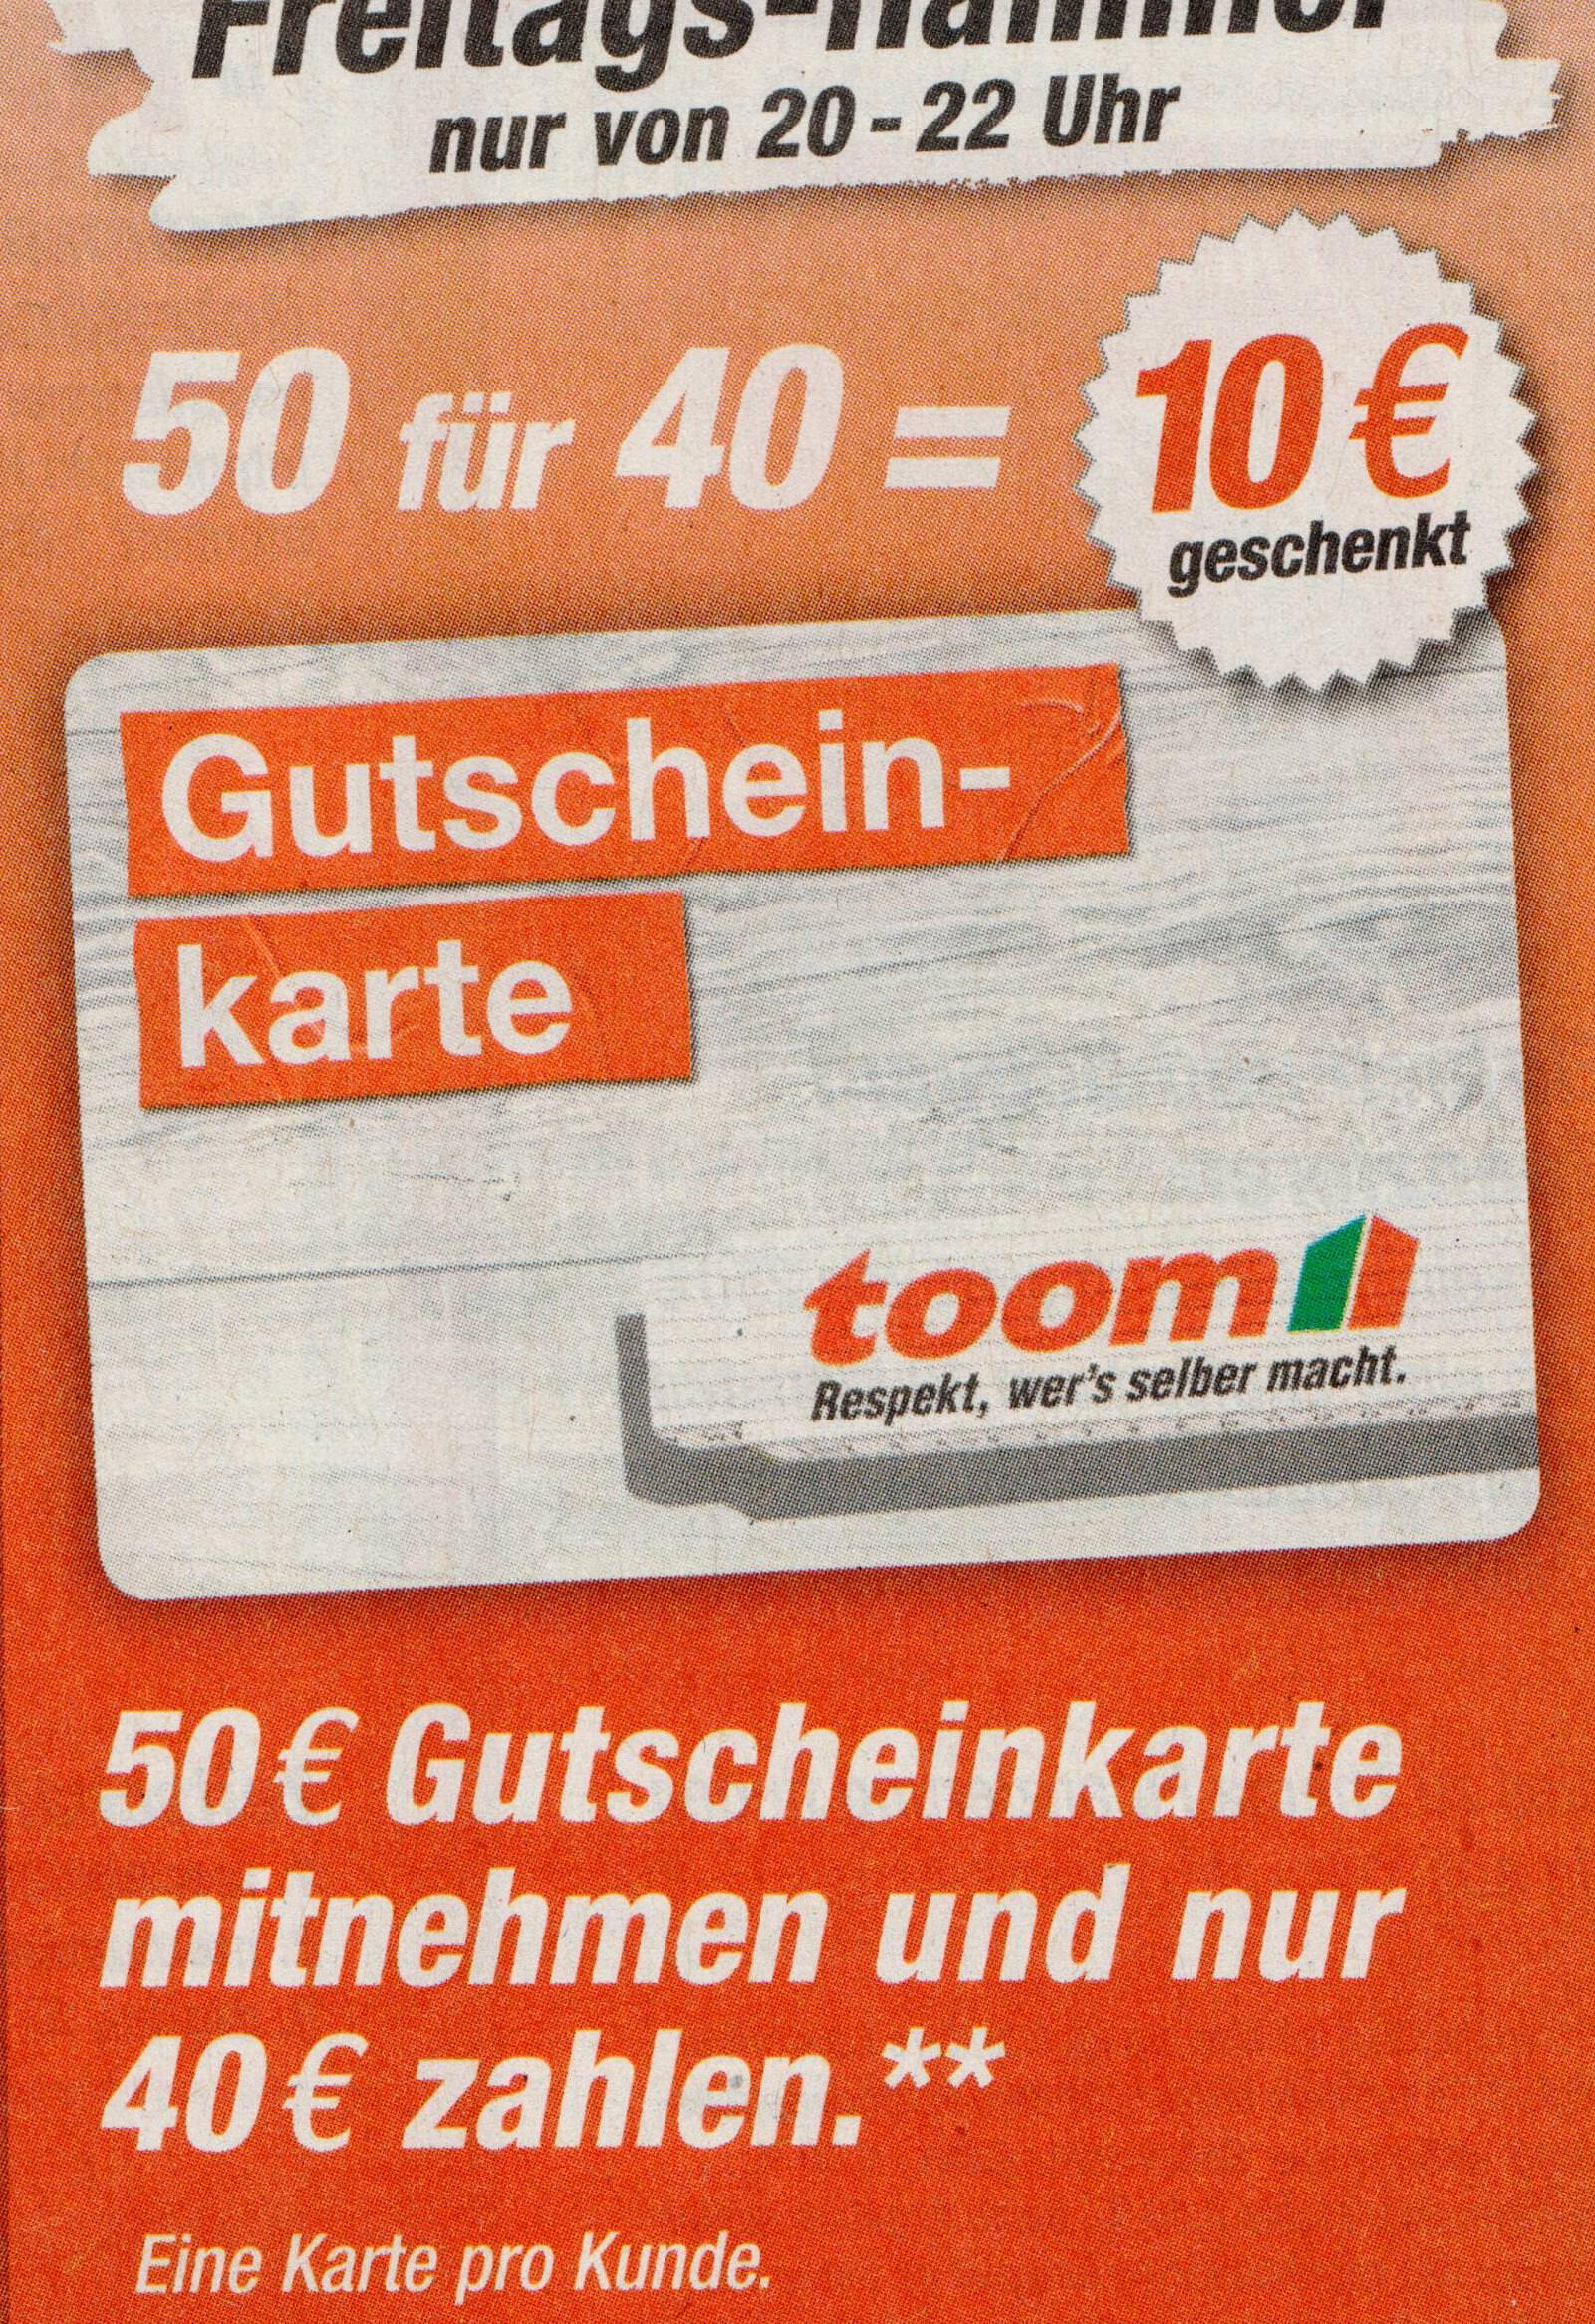 Toom Baumarkt] 50€ Gutscheinkarte für 40€ am 22.12.2017 - mydealz.de